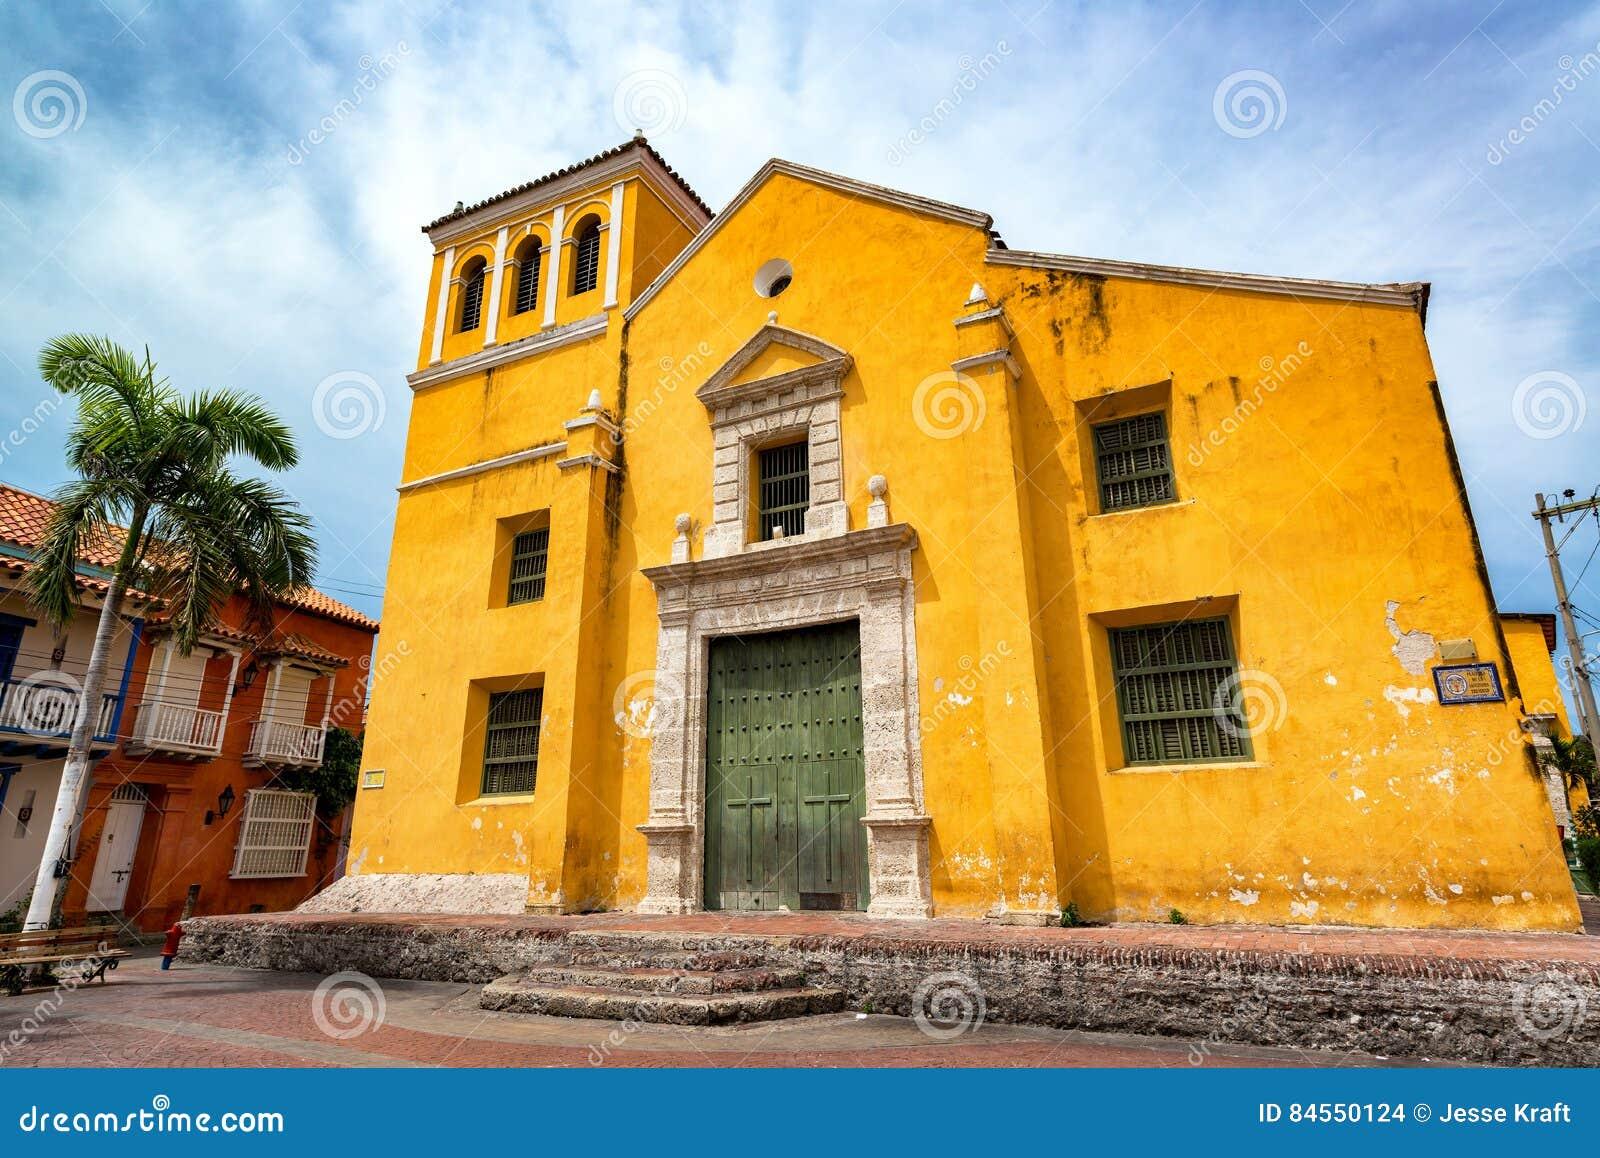 Εκκλησία στο Τρινιδάδ Plaza